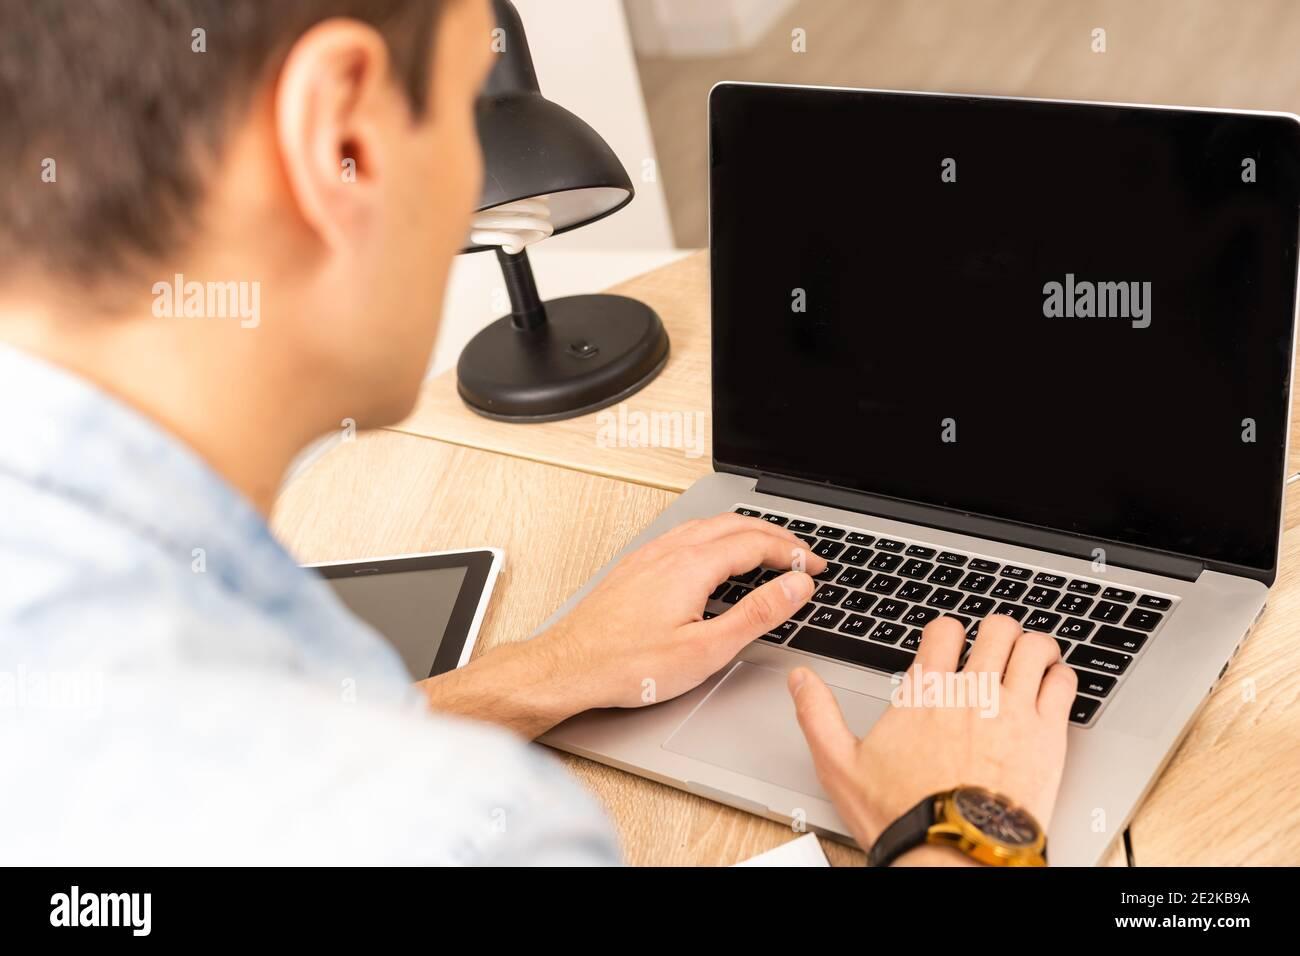 Un joven empresario centrado en la realización de una videollamada con los clientes en el ordenador portátil. Hombre milenario concentrado en gafas dando clases educativas en línea Foto de stock